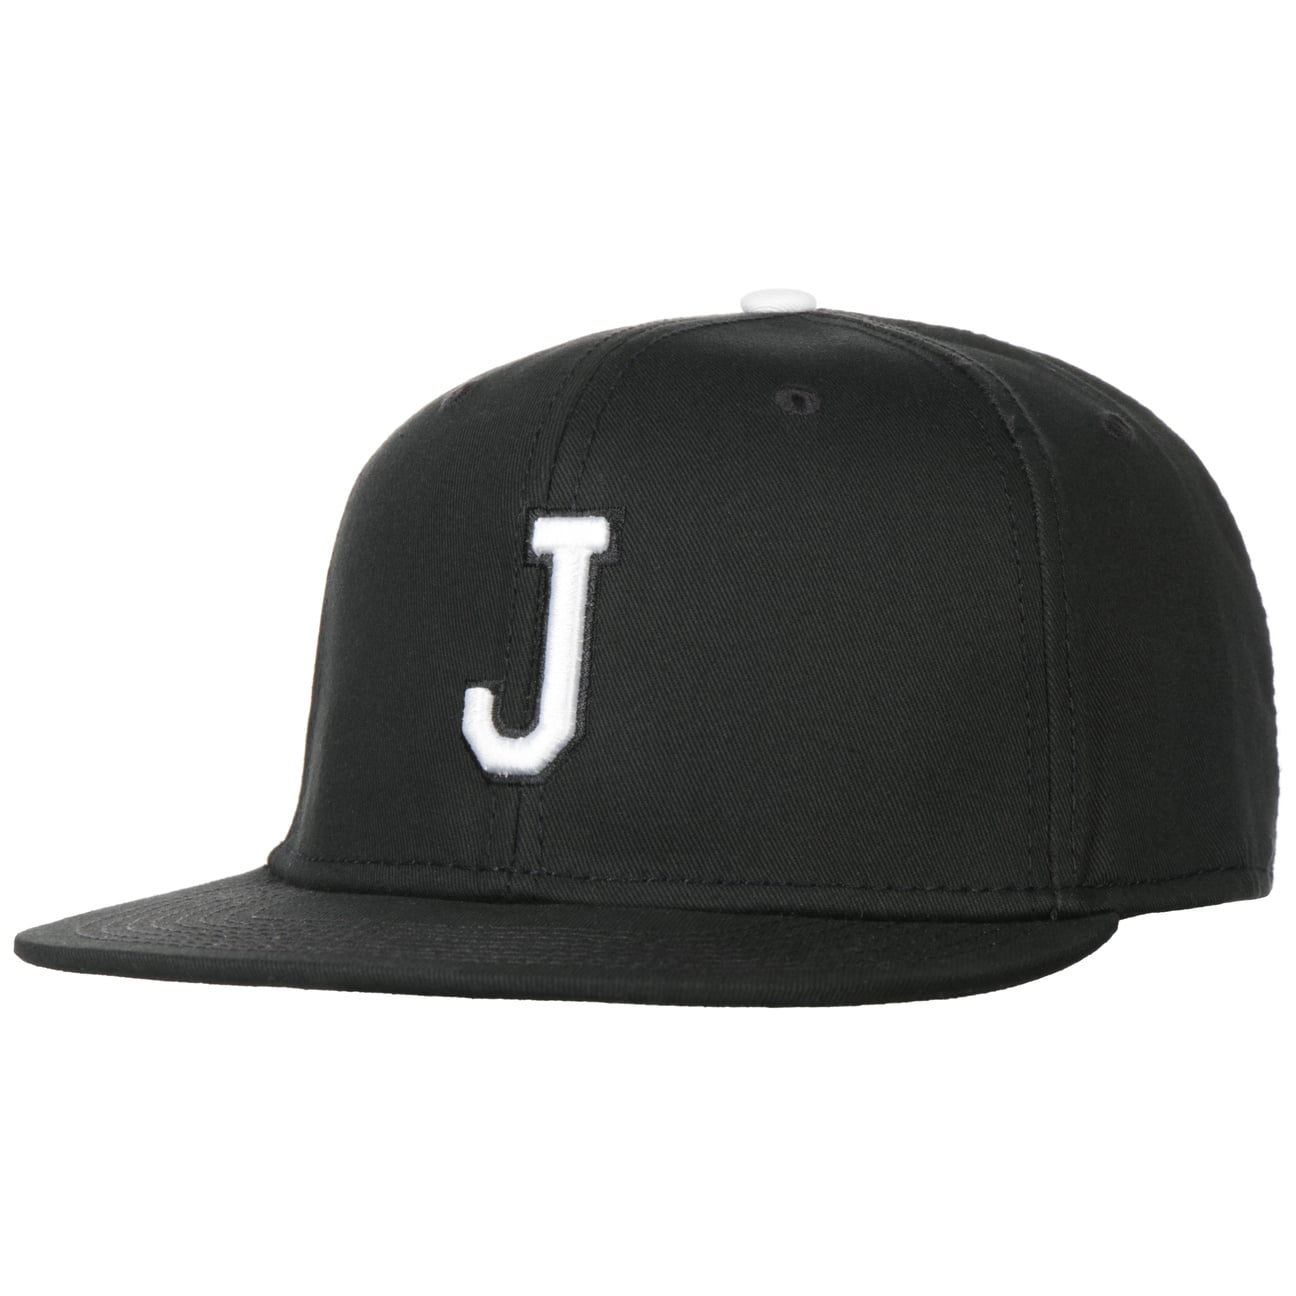 Casquette J Letter Snapback Cap  casquette de baseball